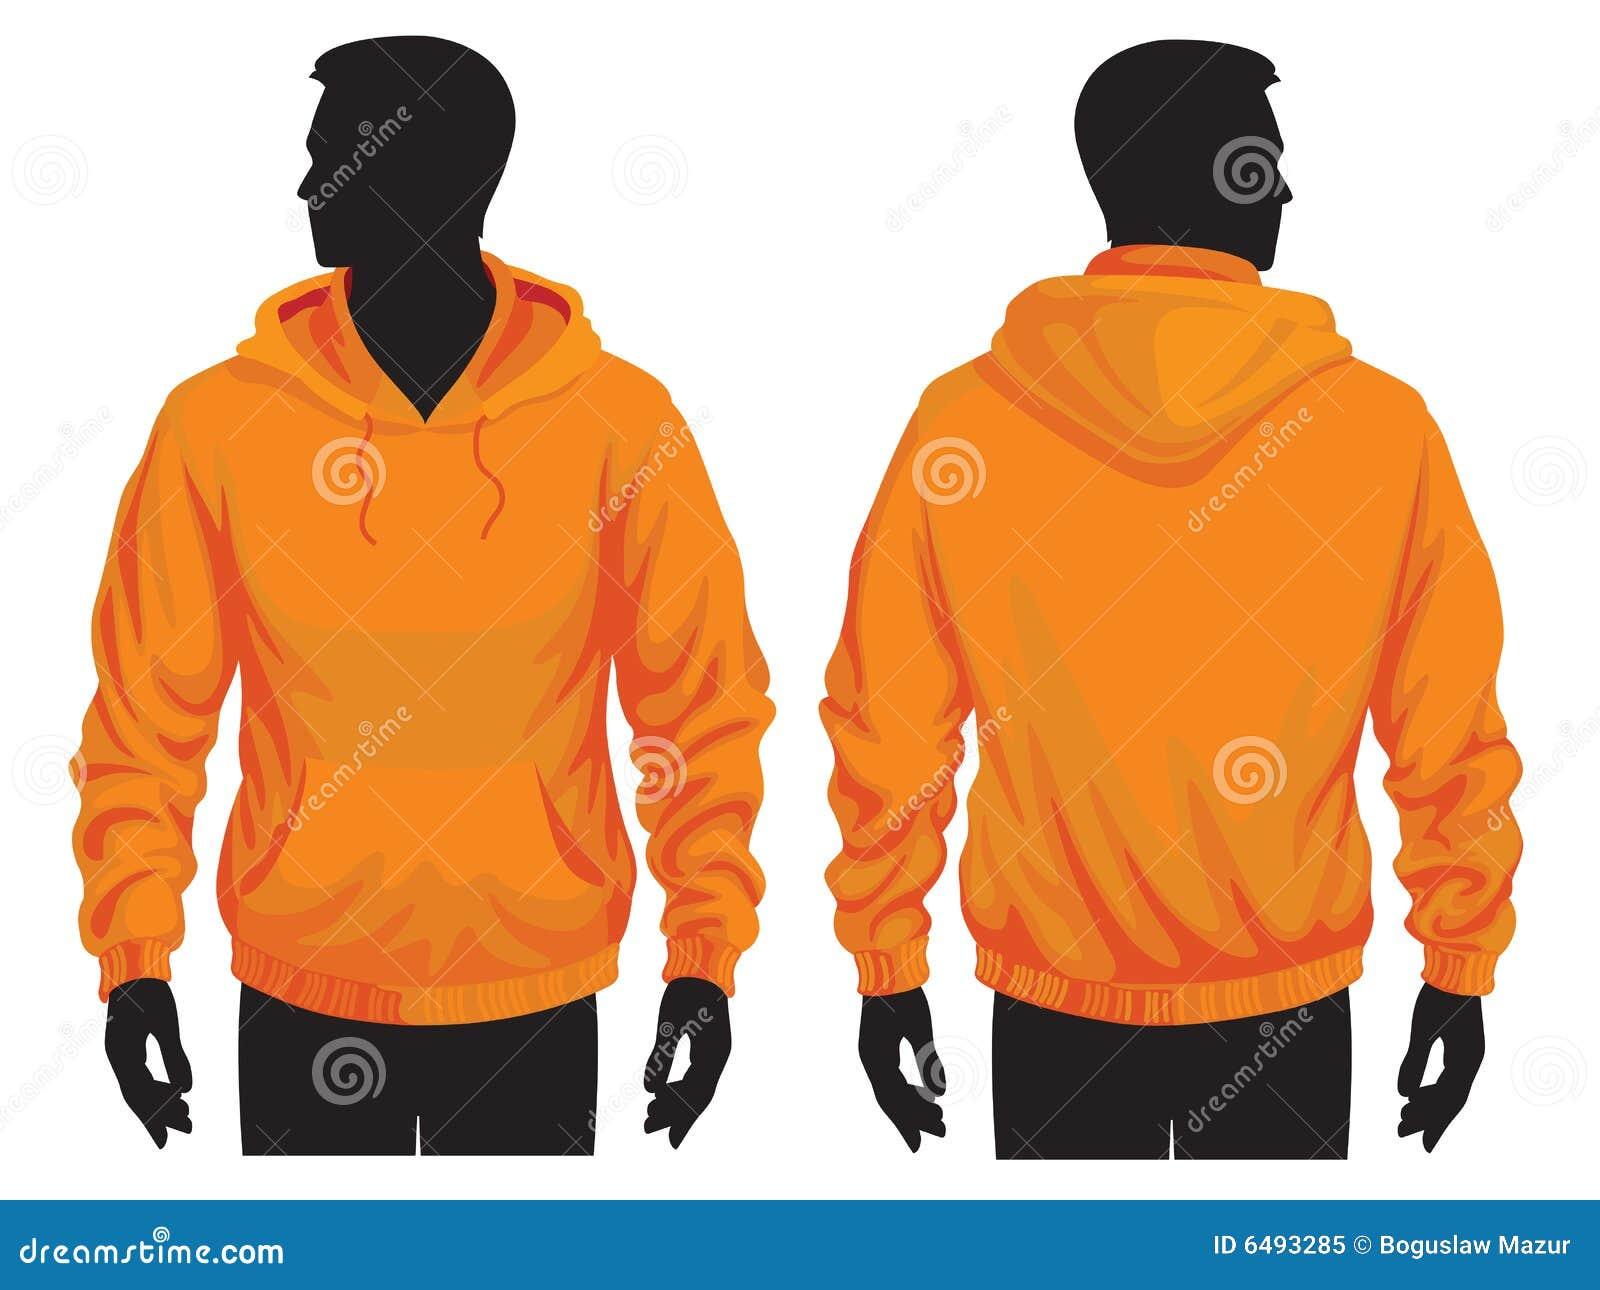 hoodie template